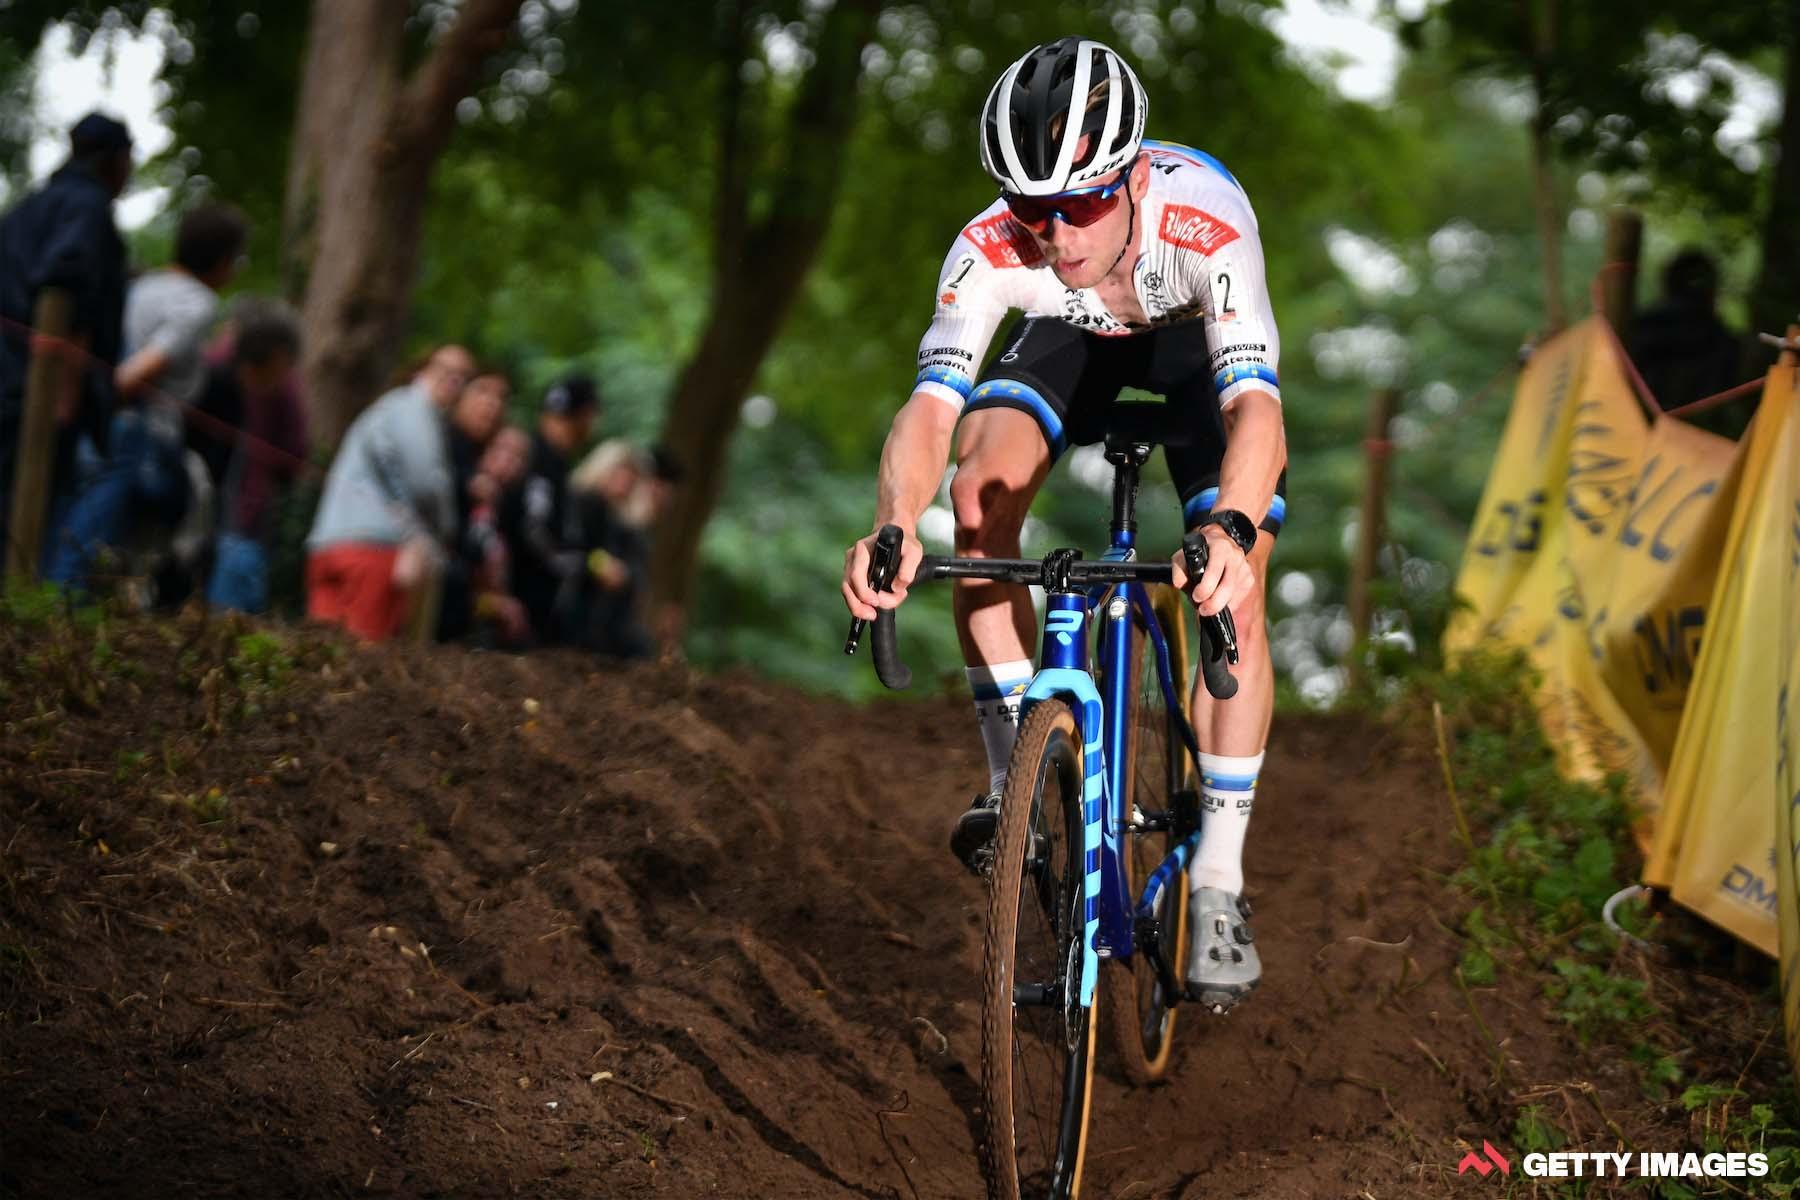 Эли Изербит. Фото: Getty Images / cyclingtips.com